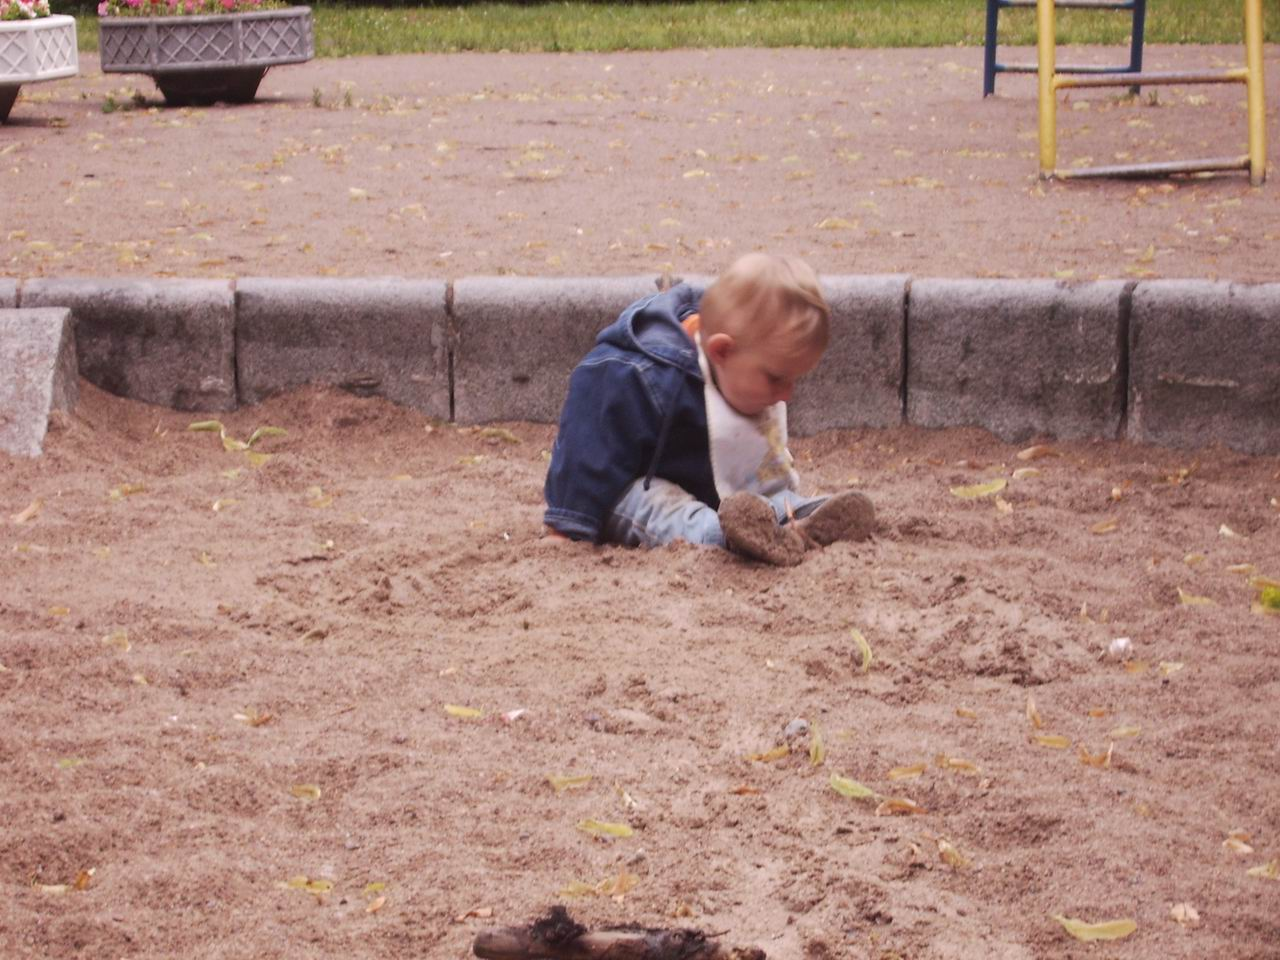 купается в песке